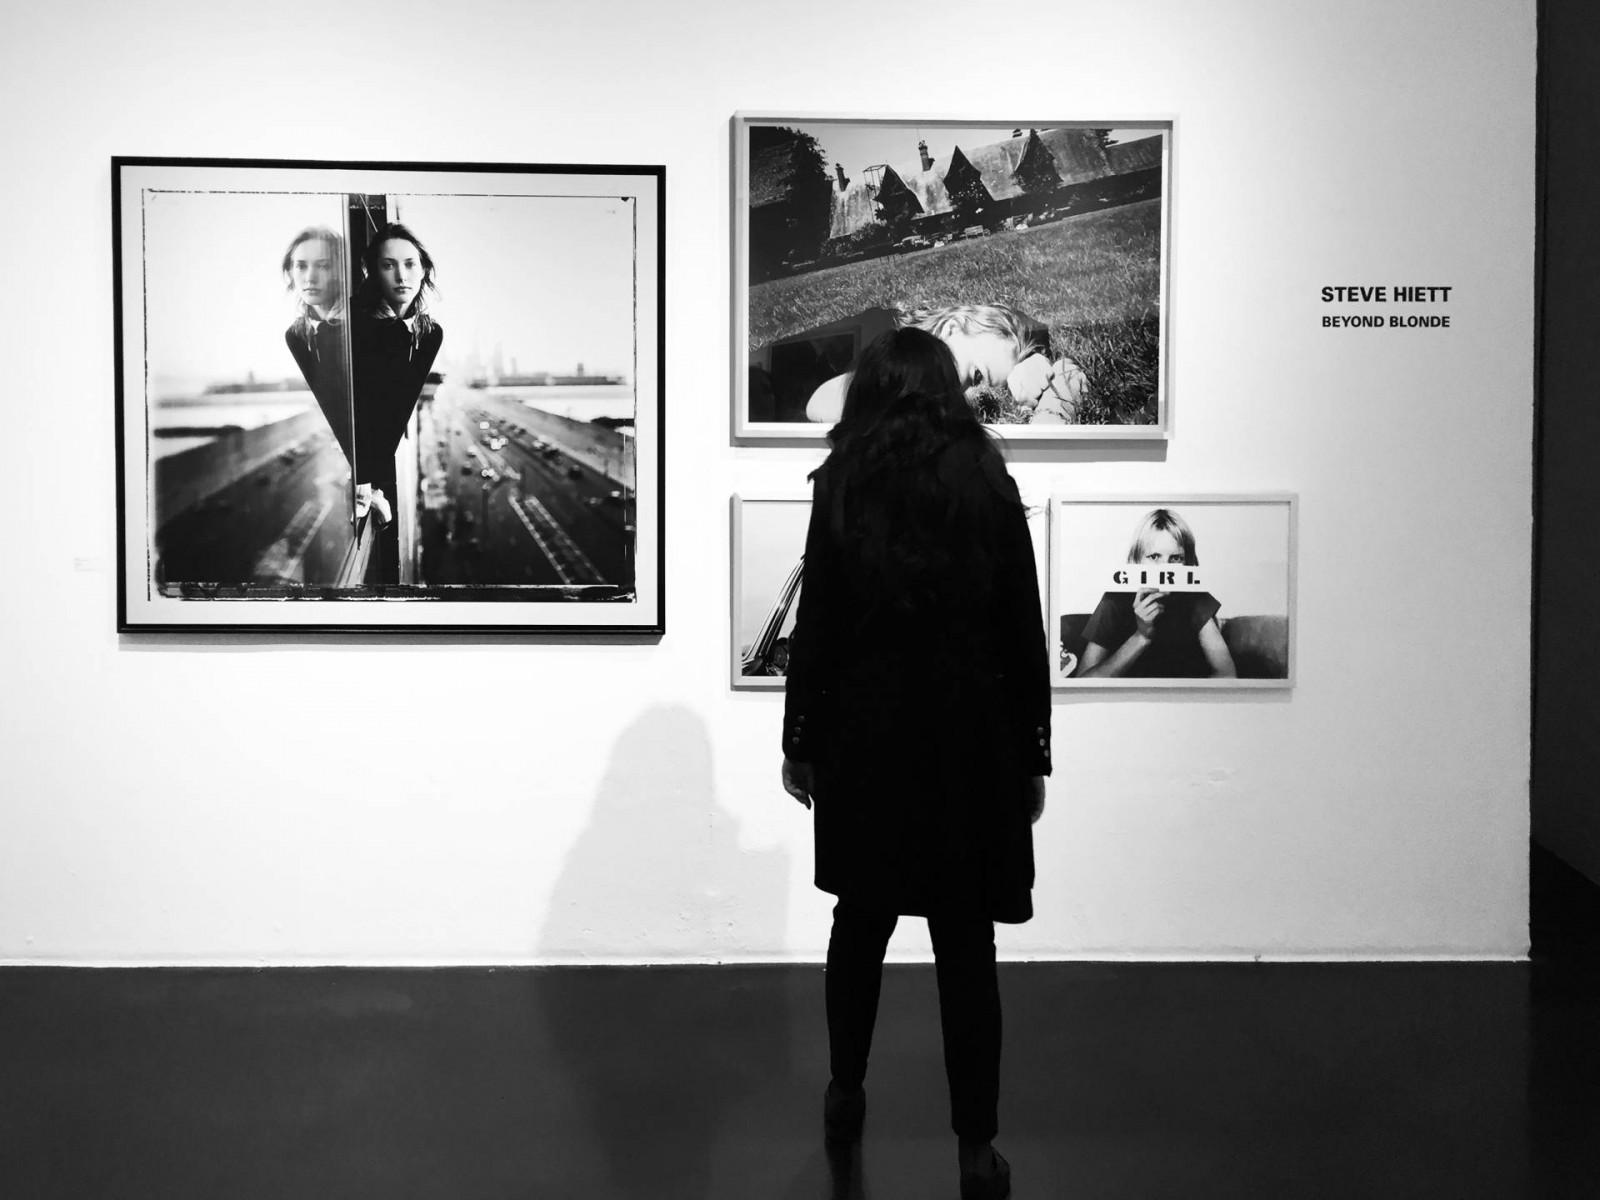 Galleria Carla Sozzani Steve Hiett